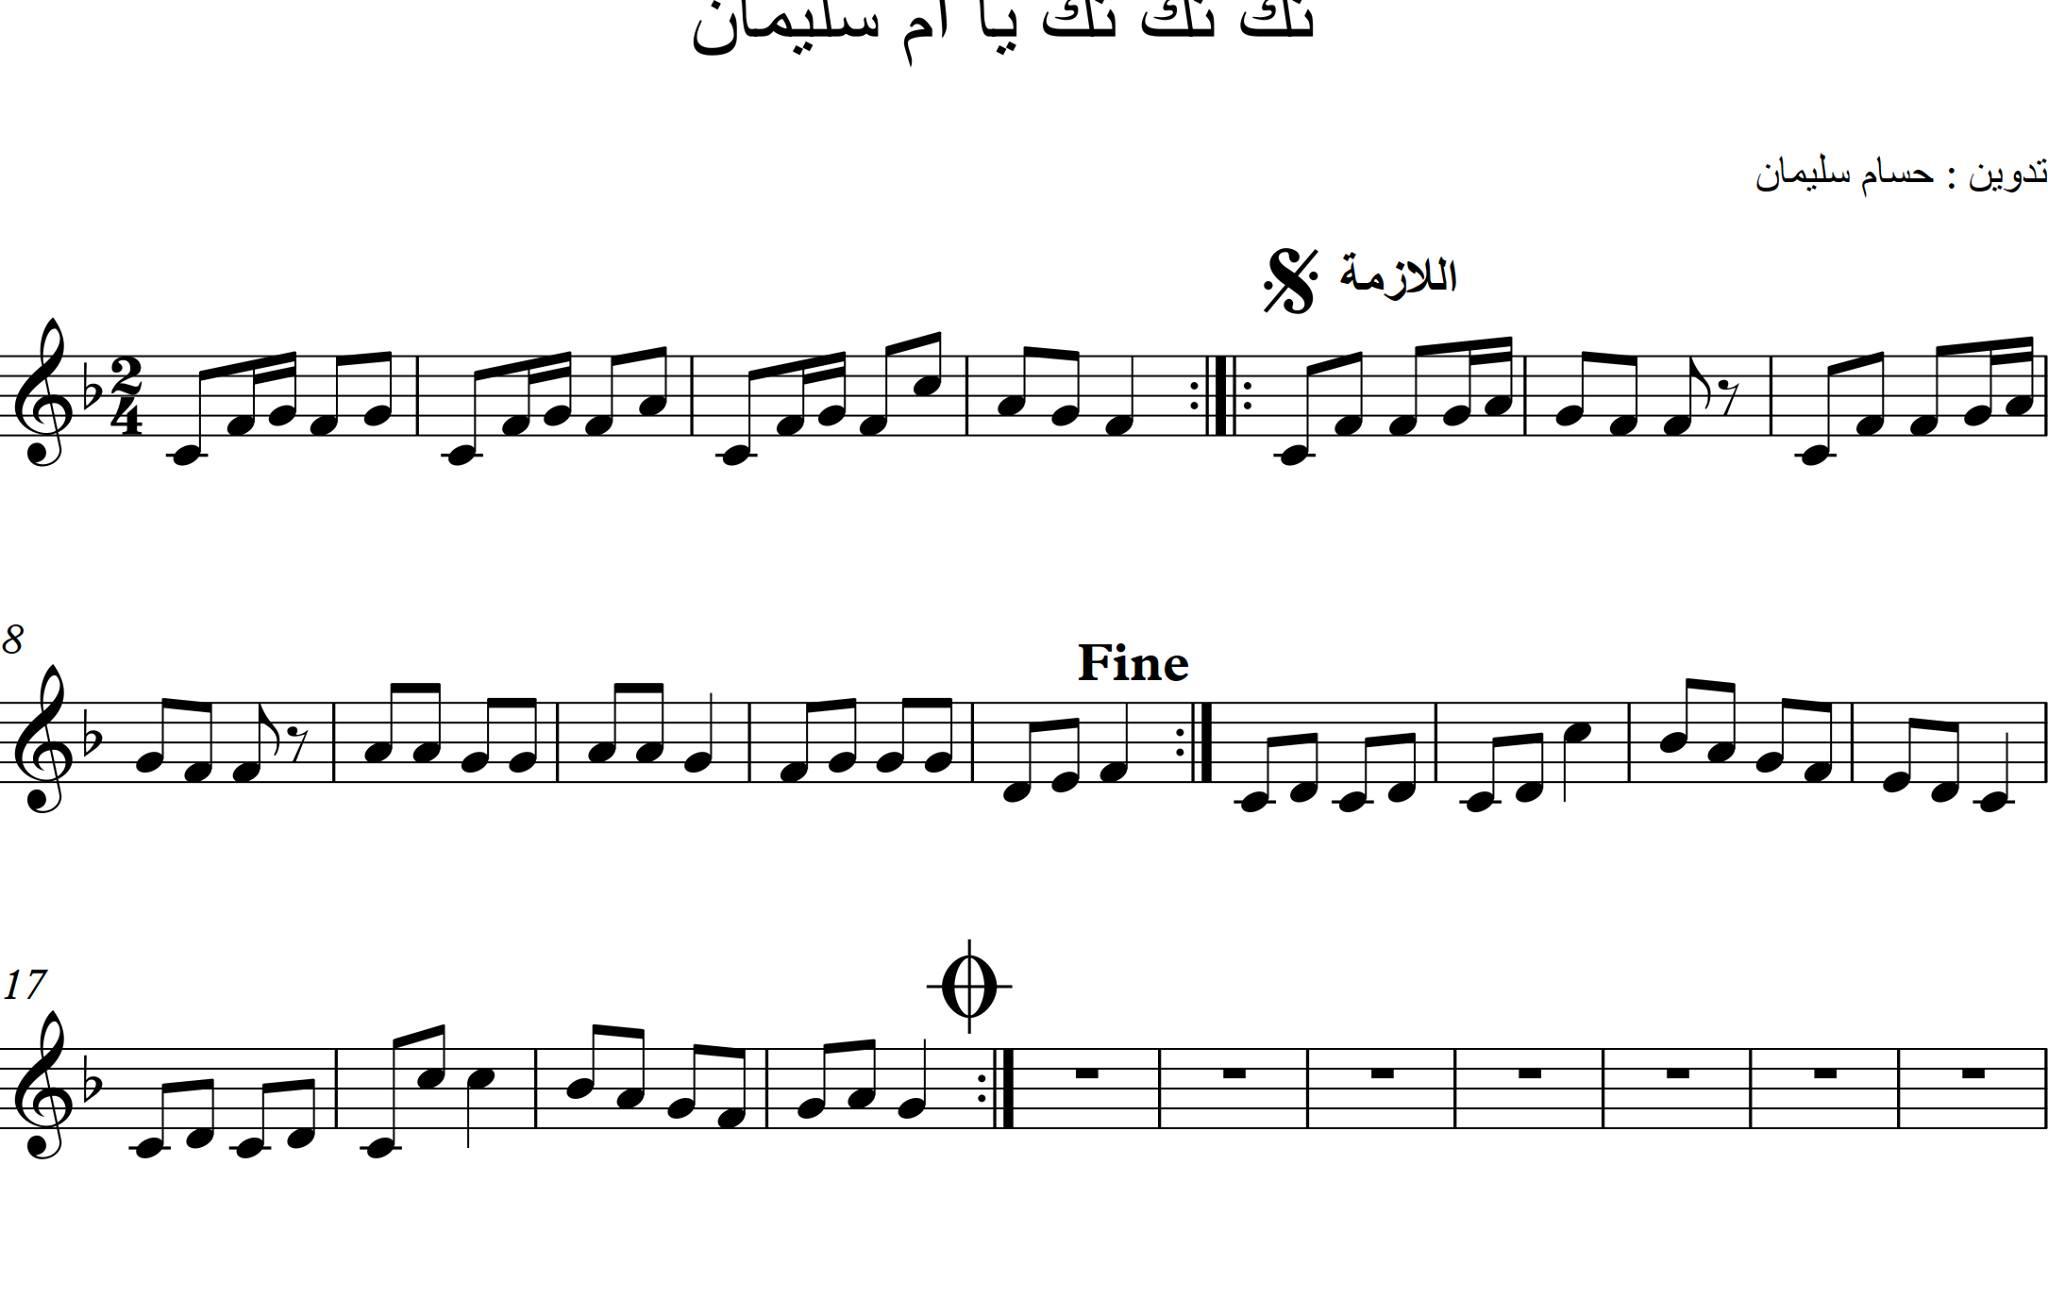 نوتات اغاني فيروز أكثر من 200 نوتة موسيقية لأغاني فيروز والأخوين رحباني